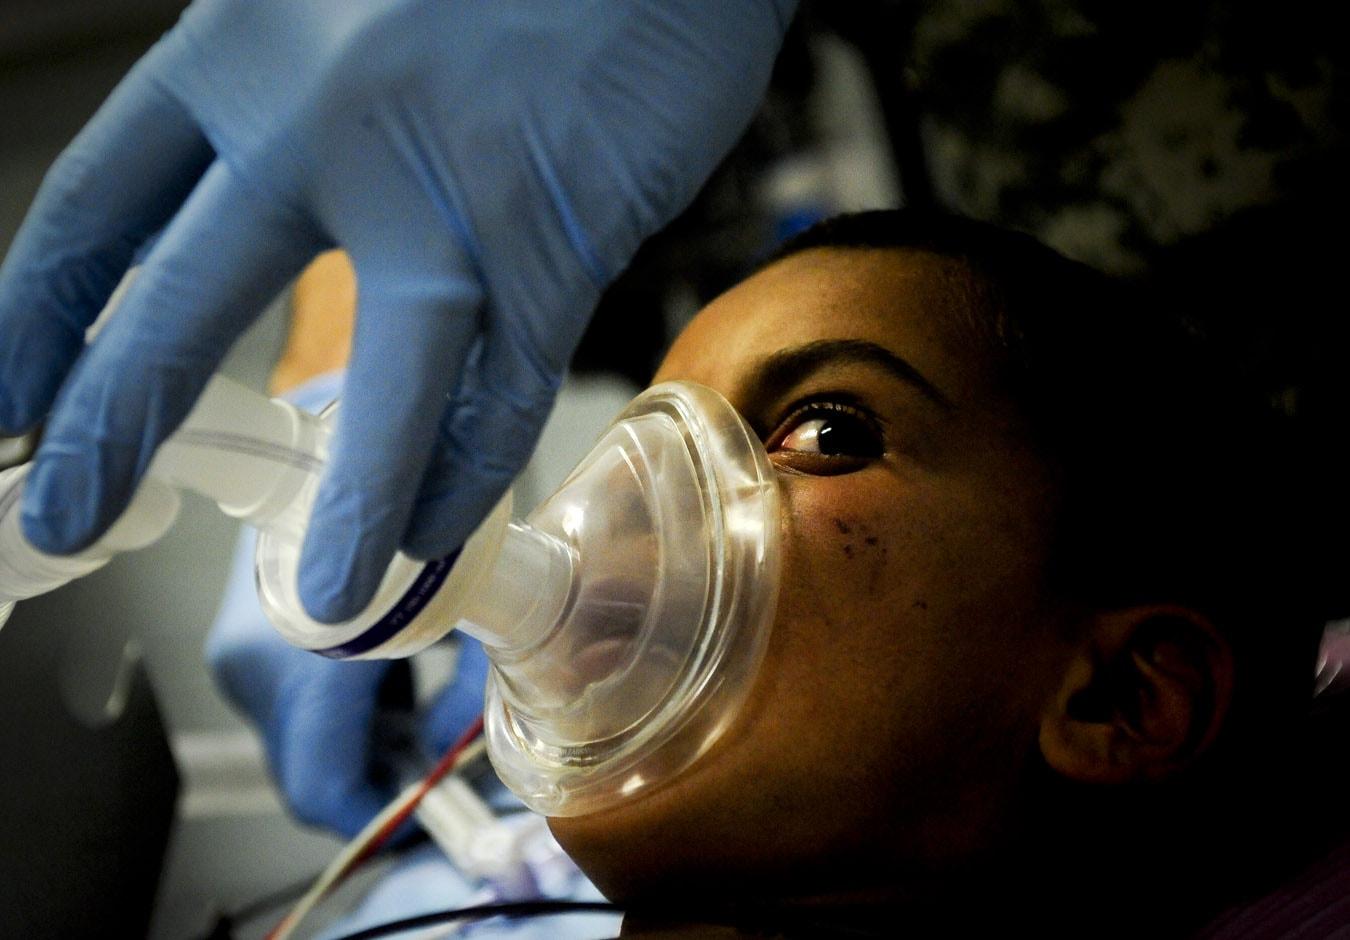 Menor ingresa por fractura y sale muerto de Hospital, en Oaxaca